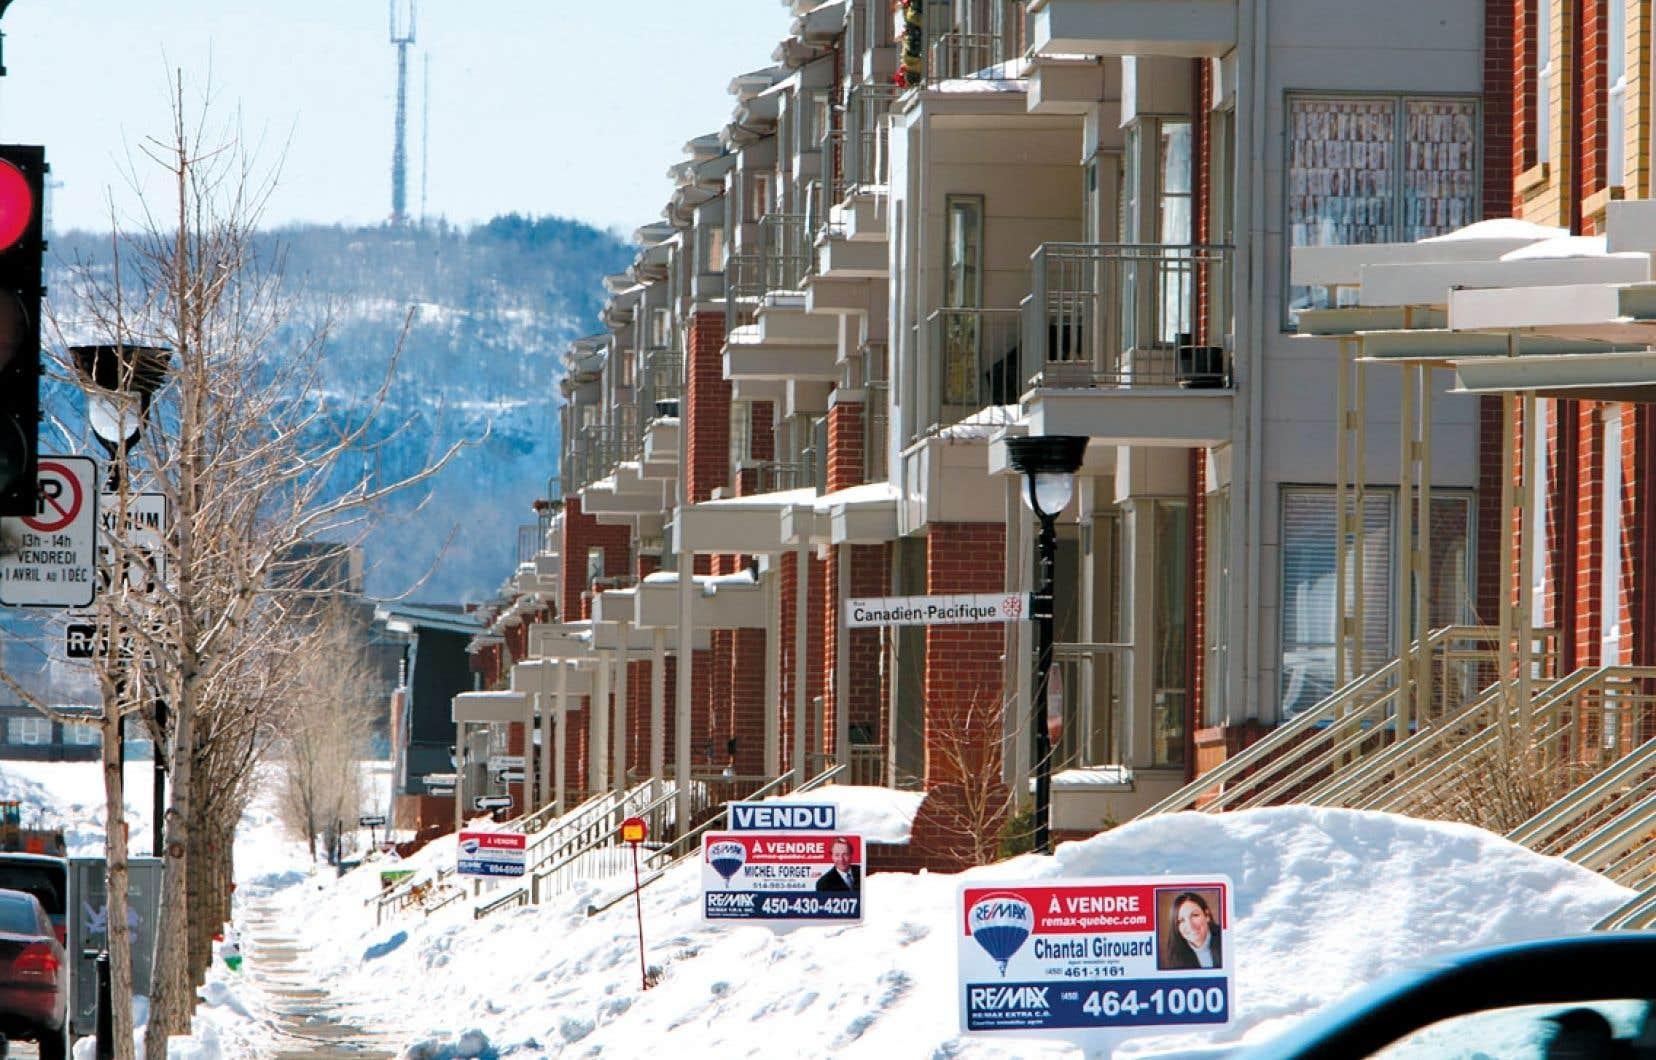 Même si l'étude de la Banque TD fait abstraction de Montréal, de Québec ainsi que de toute autre ville ou région québécoise, on peut présupposer que la croissance des prix du marché résidentiel y sera aussi déprimée qu'ailleurs au pays.